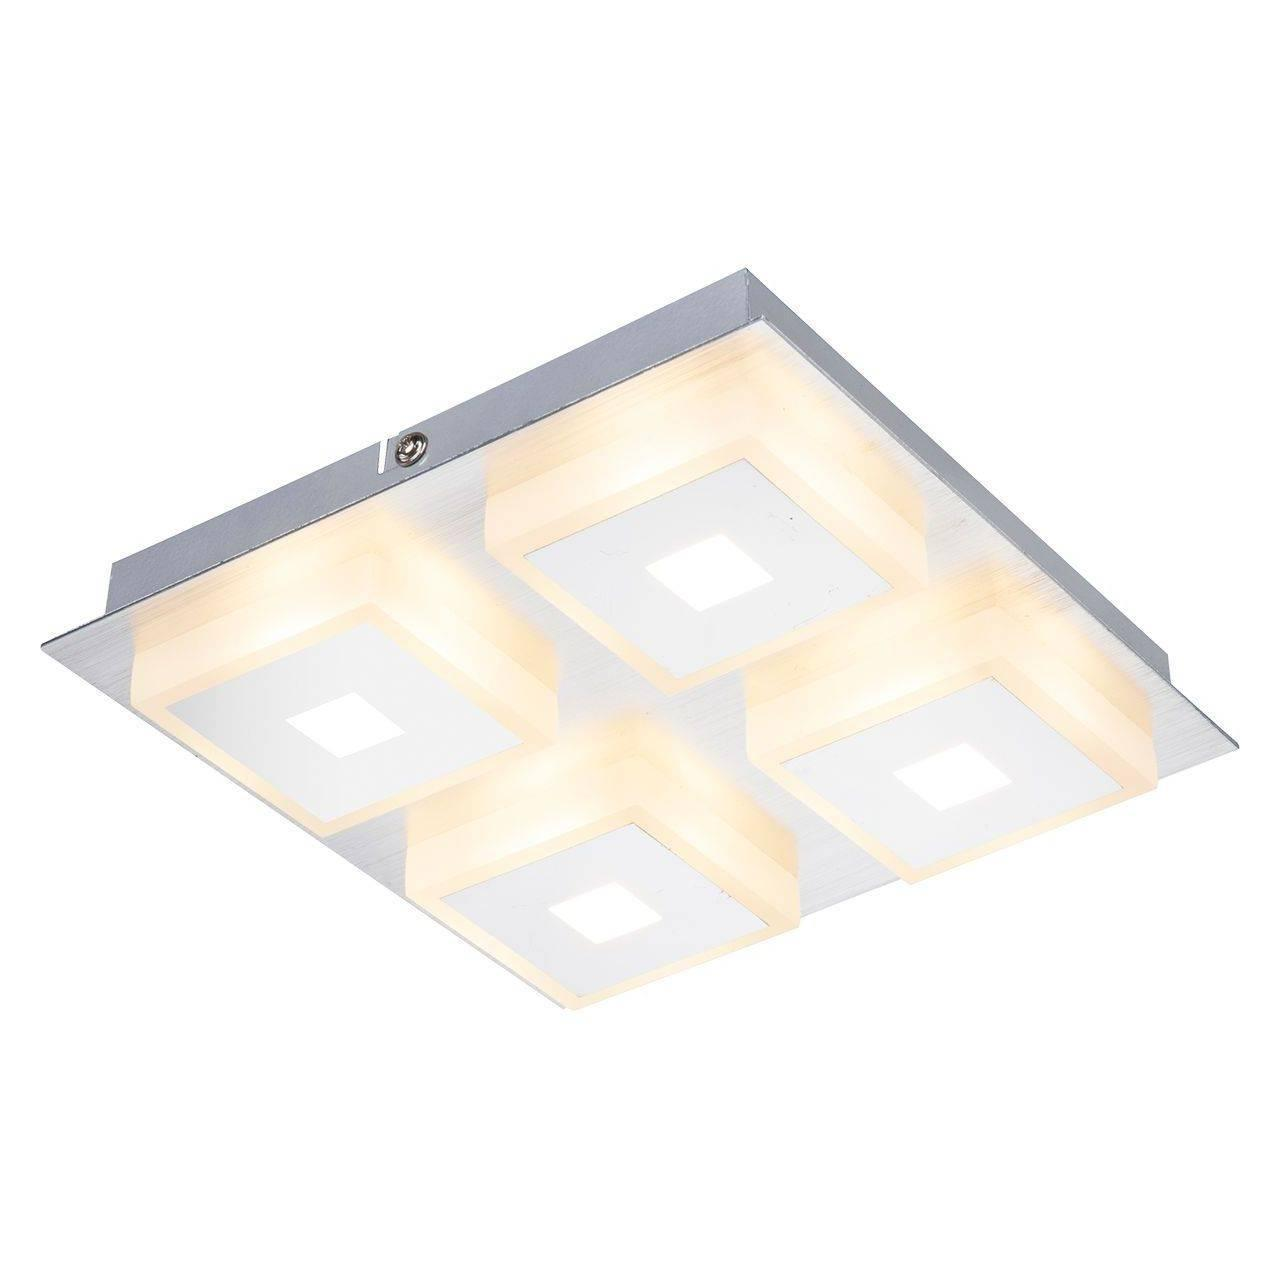 Потолочный светодиодный светильник Globo Quadralla 41111-4 потолочный светодиодный светильник globo wave 67823w